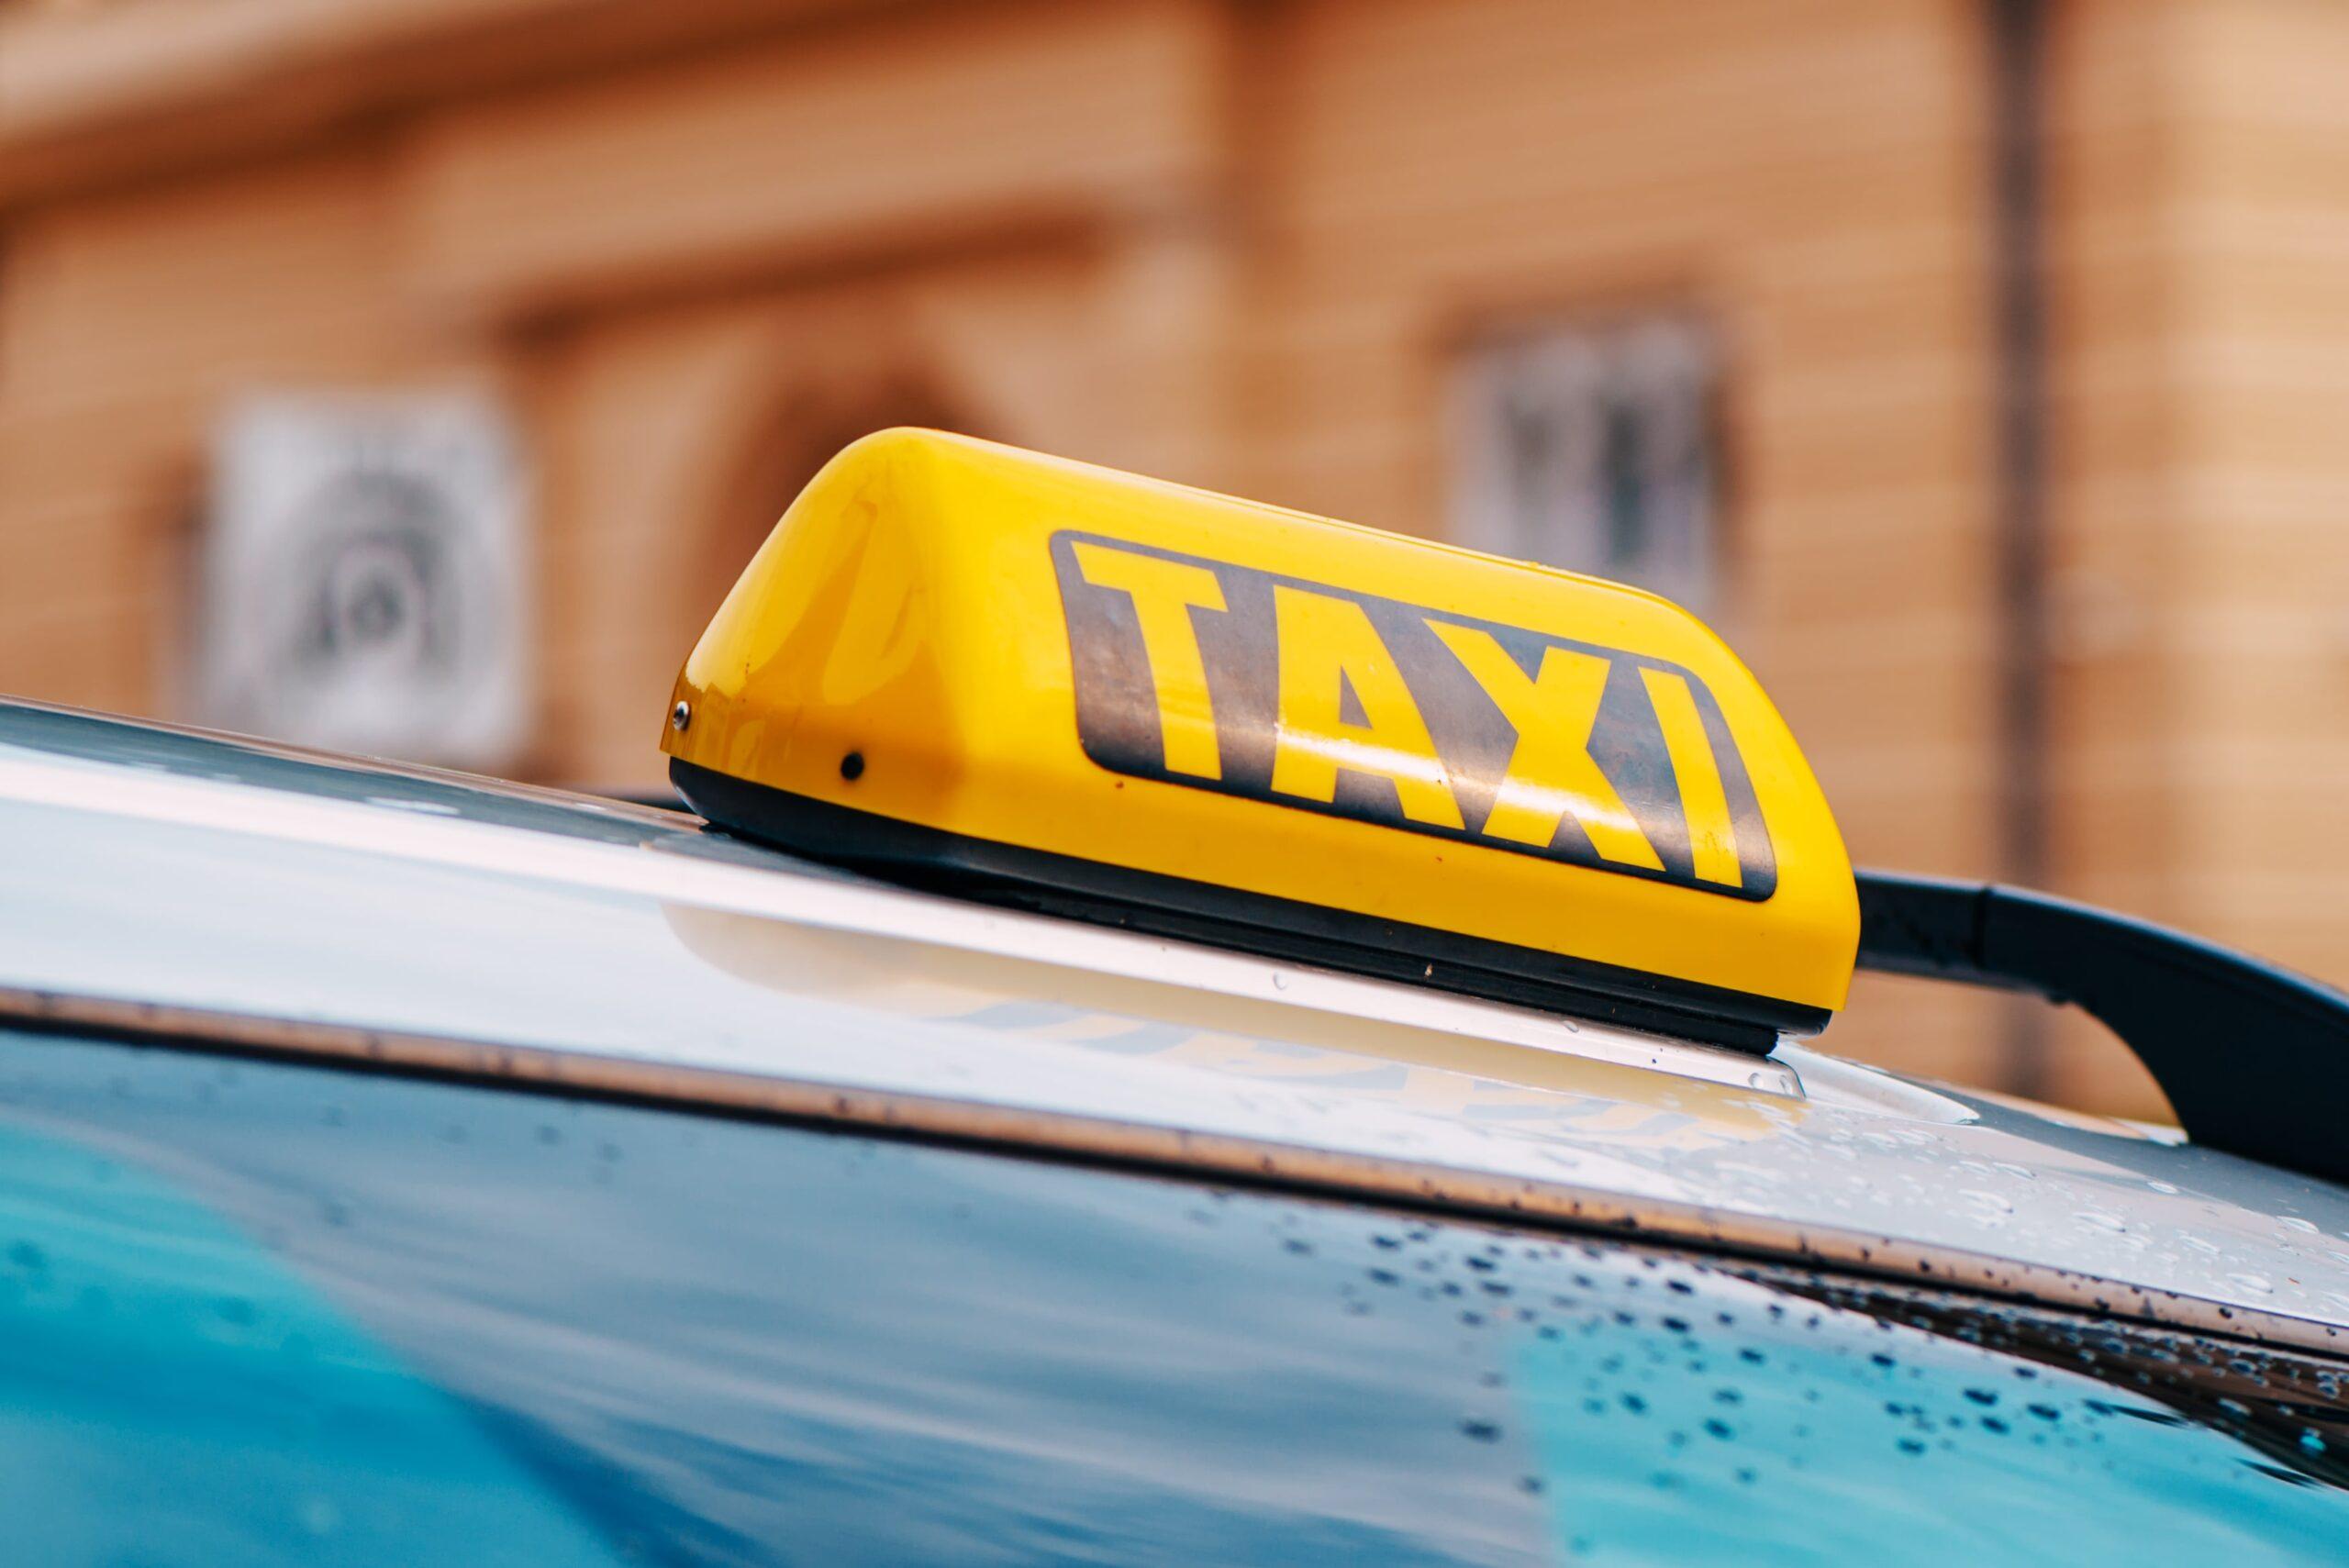 Il servizio taxi a Tirano